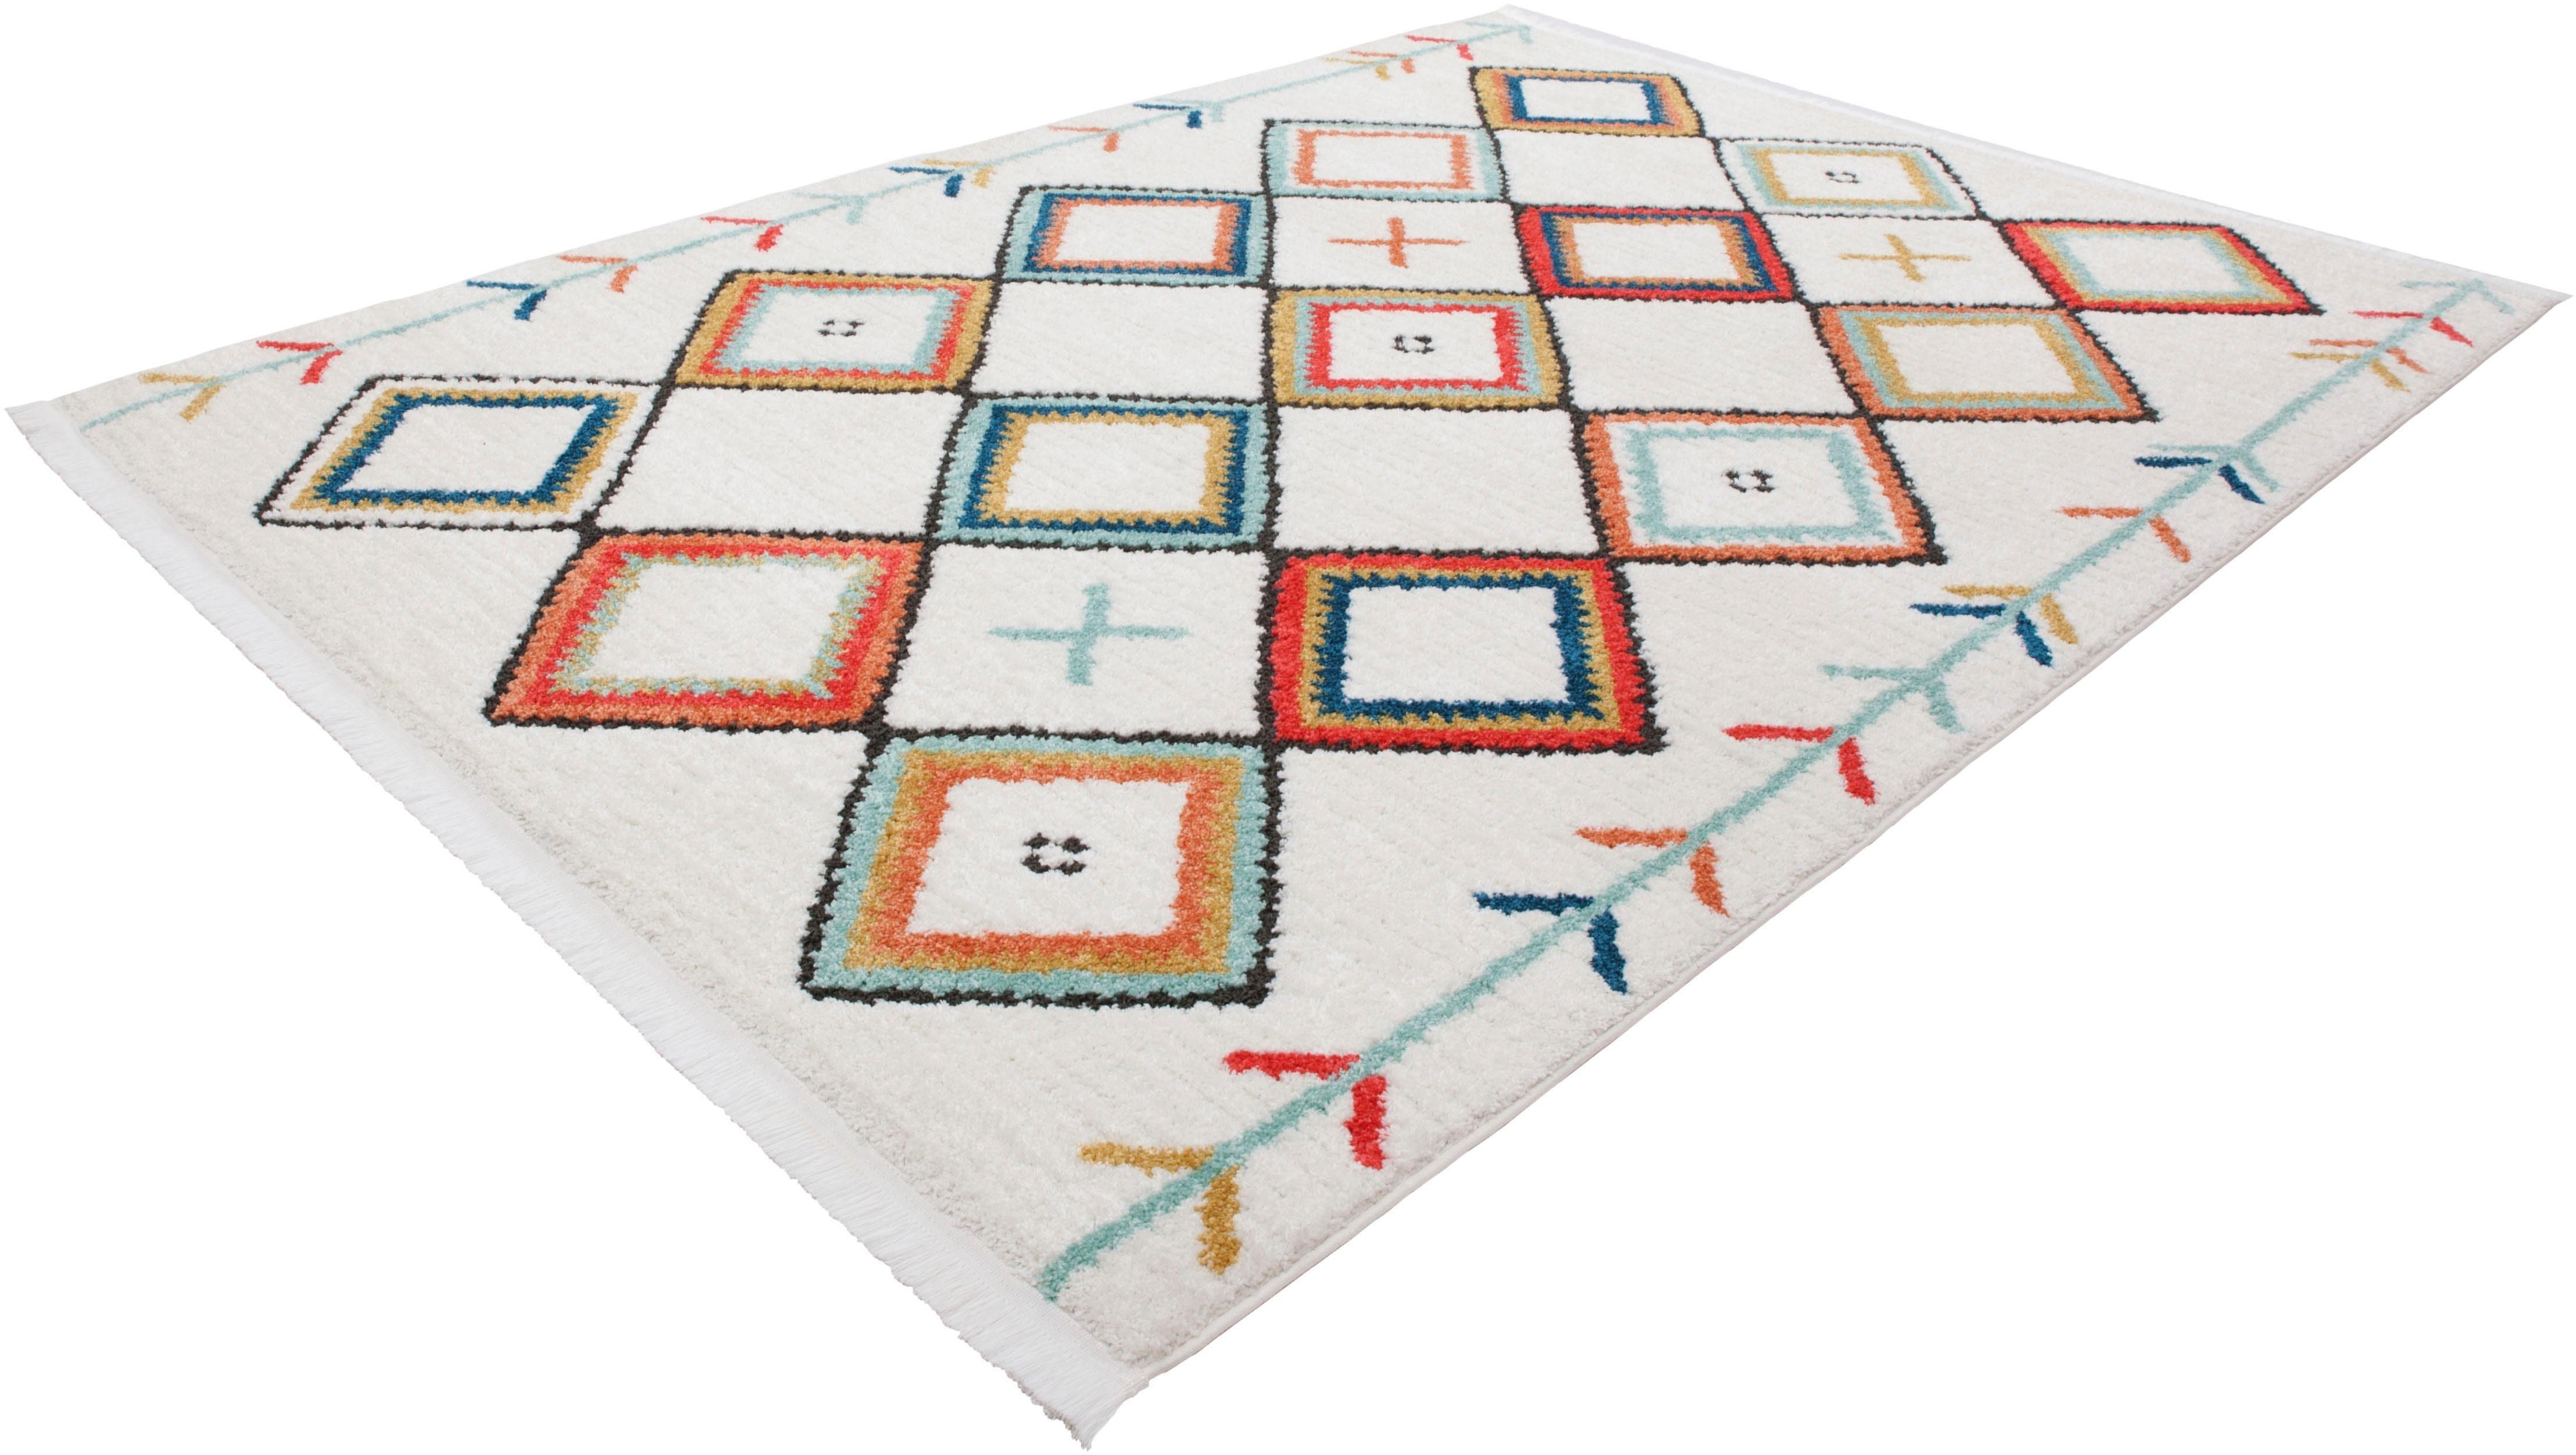 Teppich Yoel 215 calo-deluxe rechteckig Höhe 23 mm maschinell gewebt